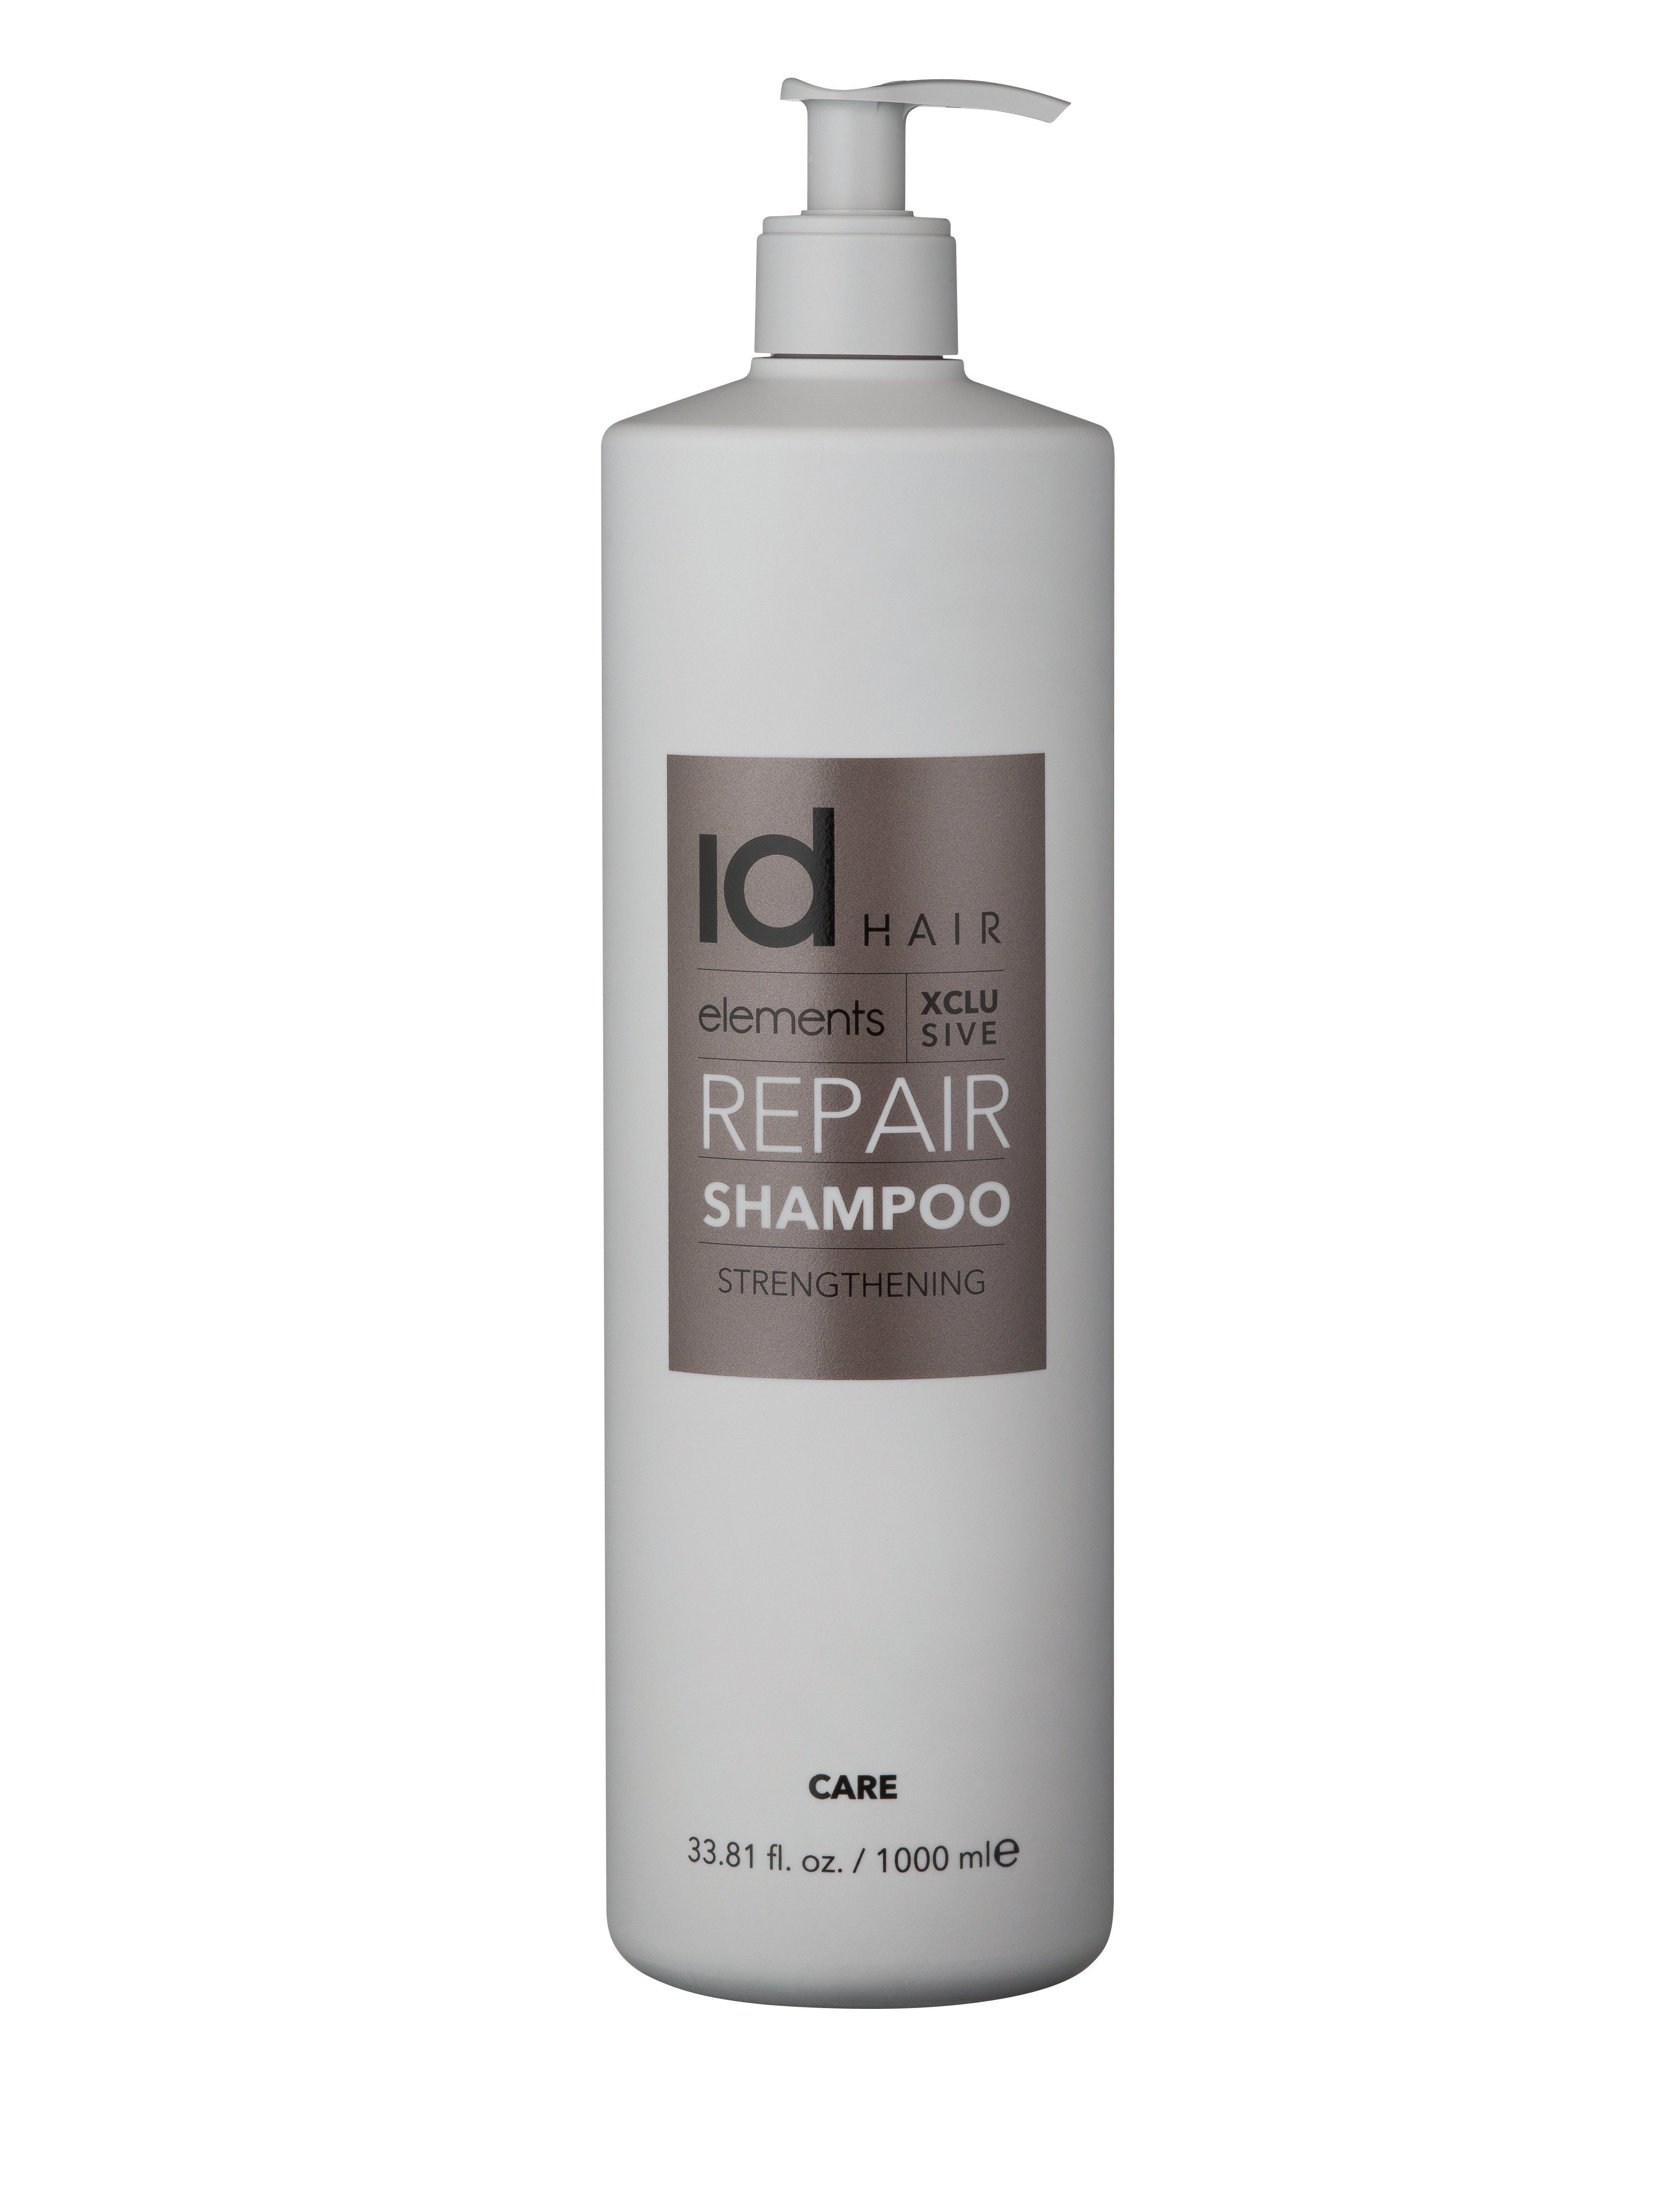 IdHAIR - Elements Xclusive Repair Shampoo 1000 ml